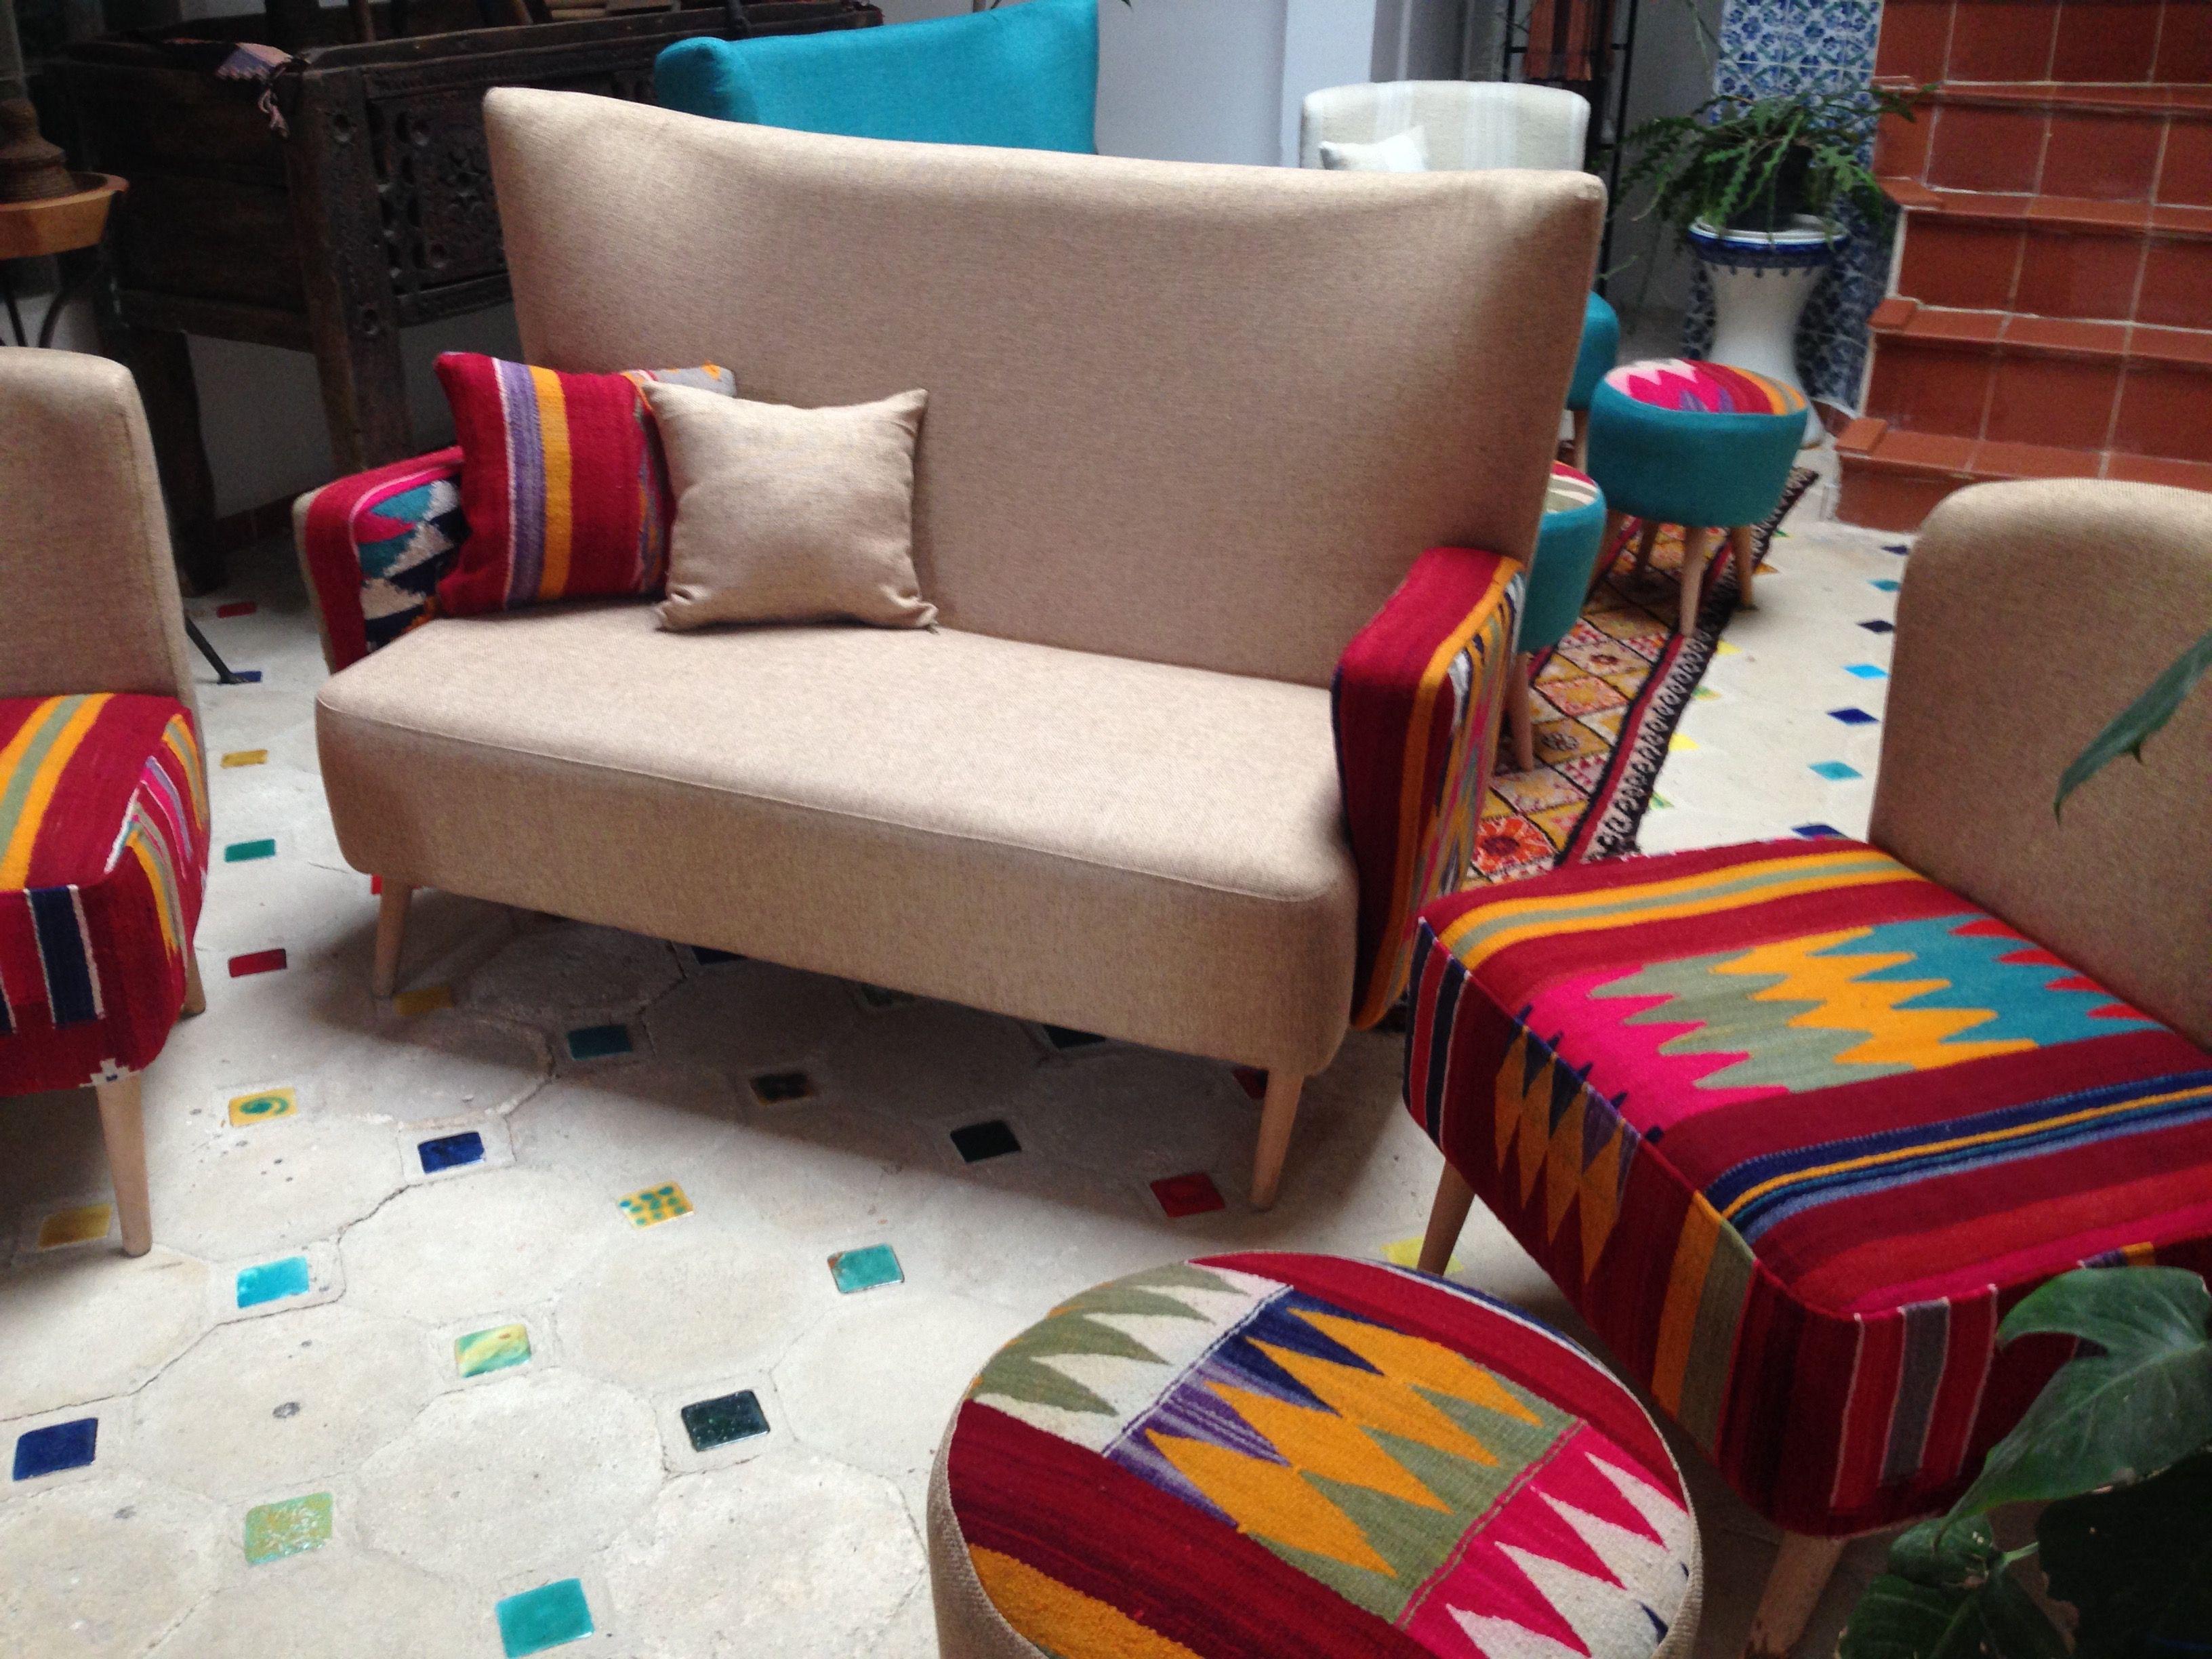 Divan Fauteuils Tabourets By La Dwira Chic Boutique Alger Telemly Hotel Aurassi Artisanat Design Alger Algerie Hassib Furniture Armchair Decor